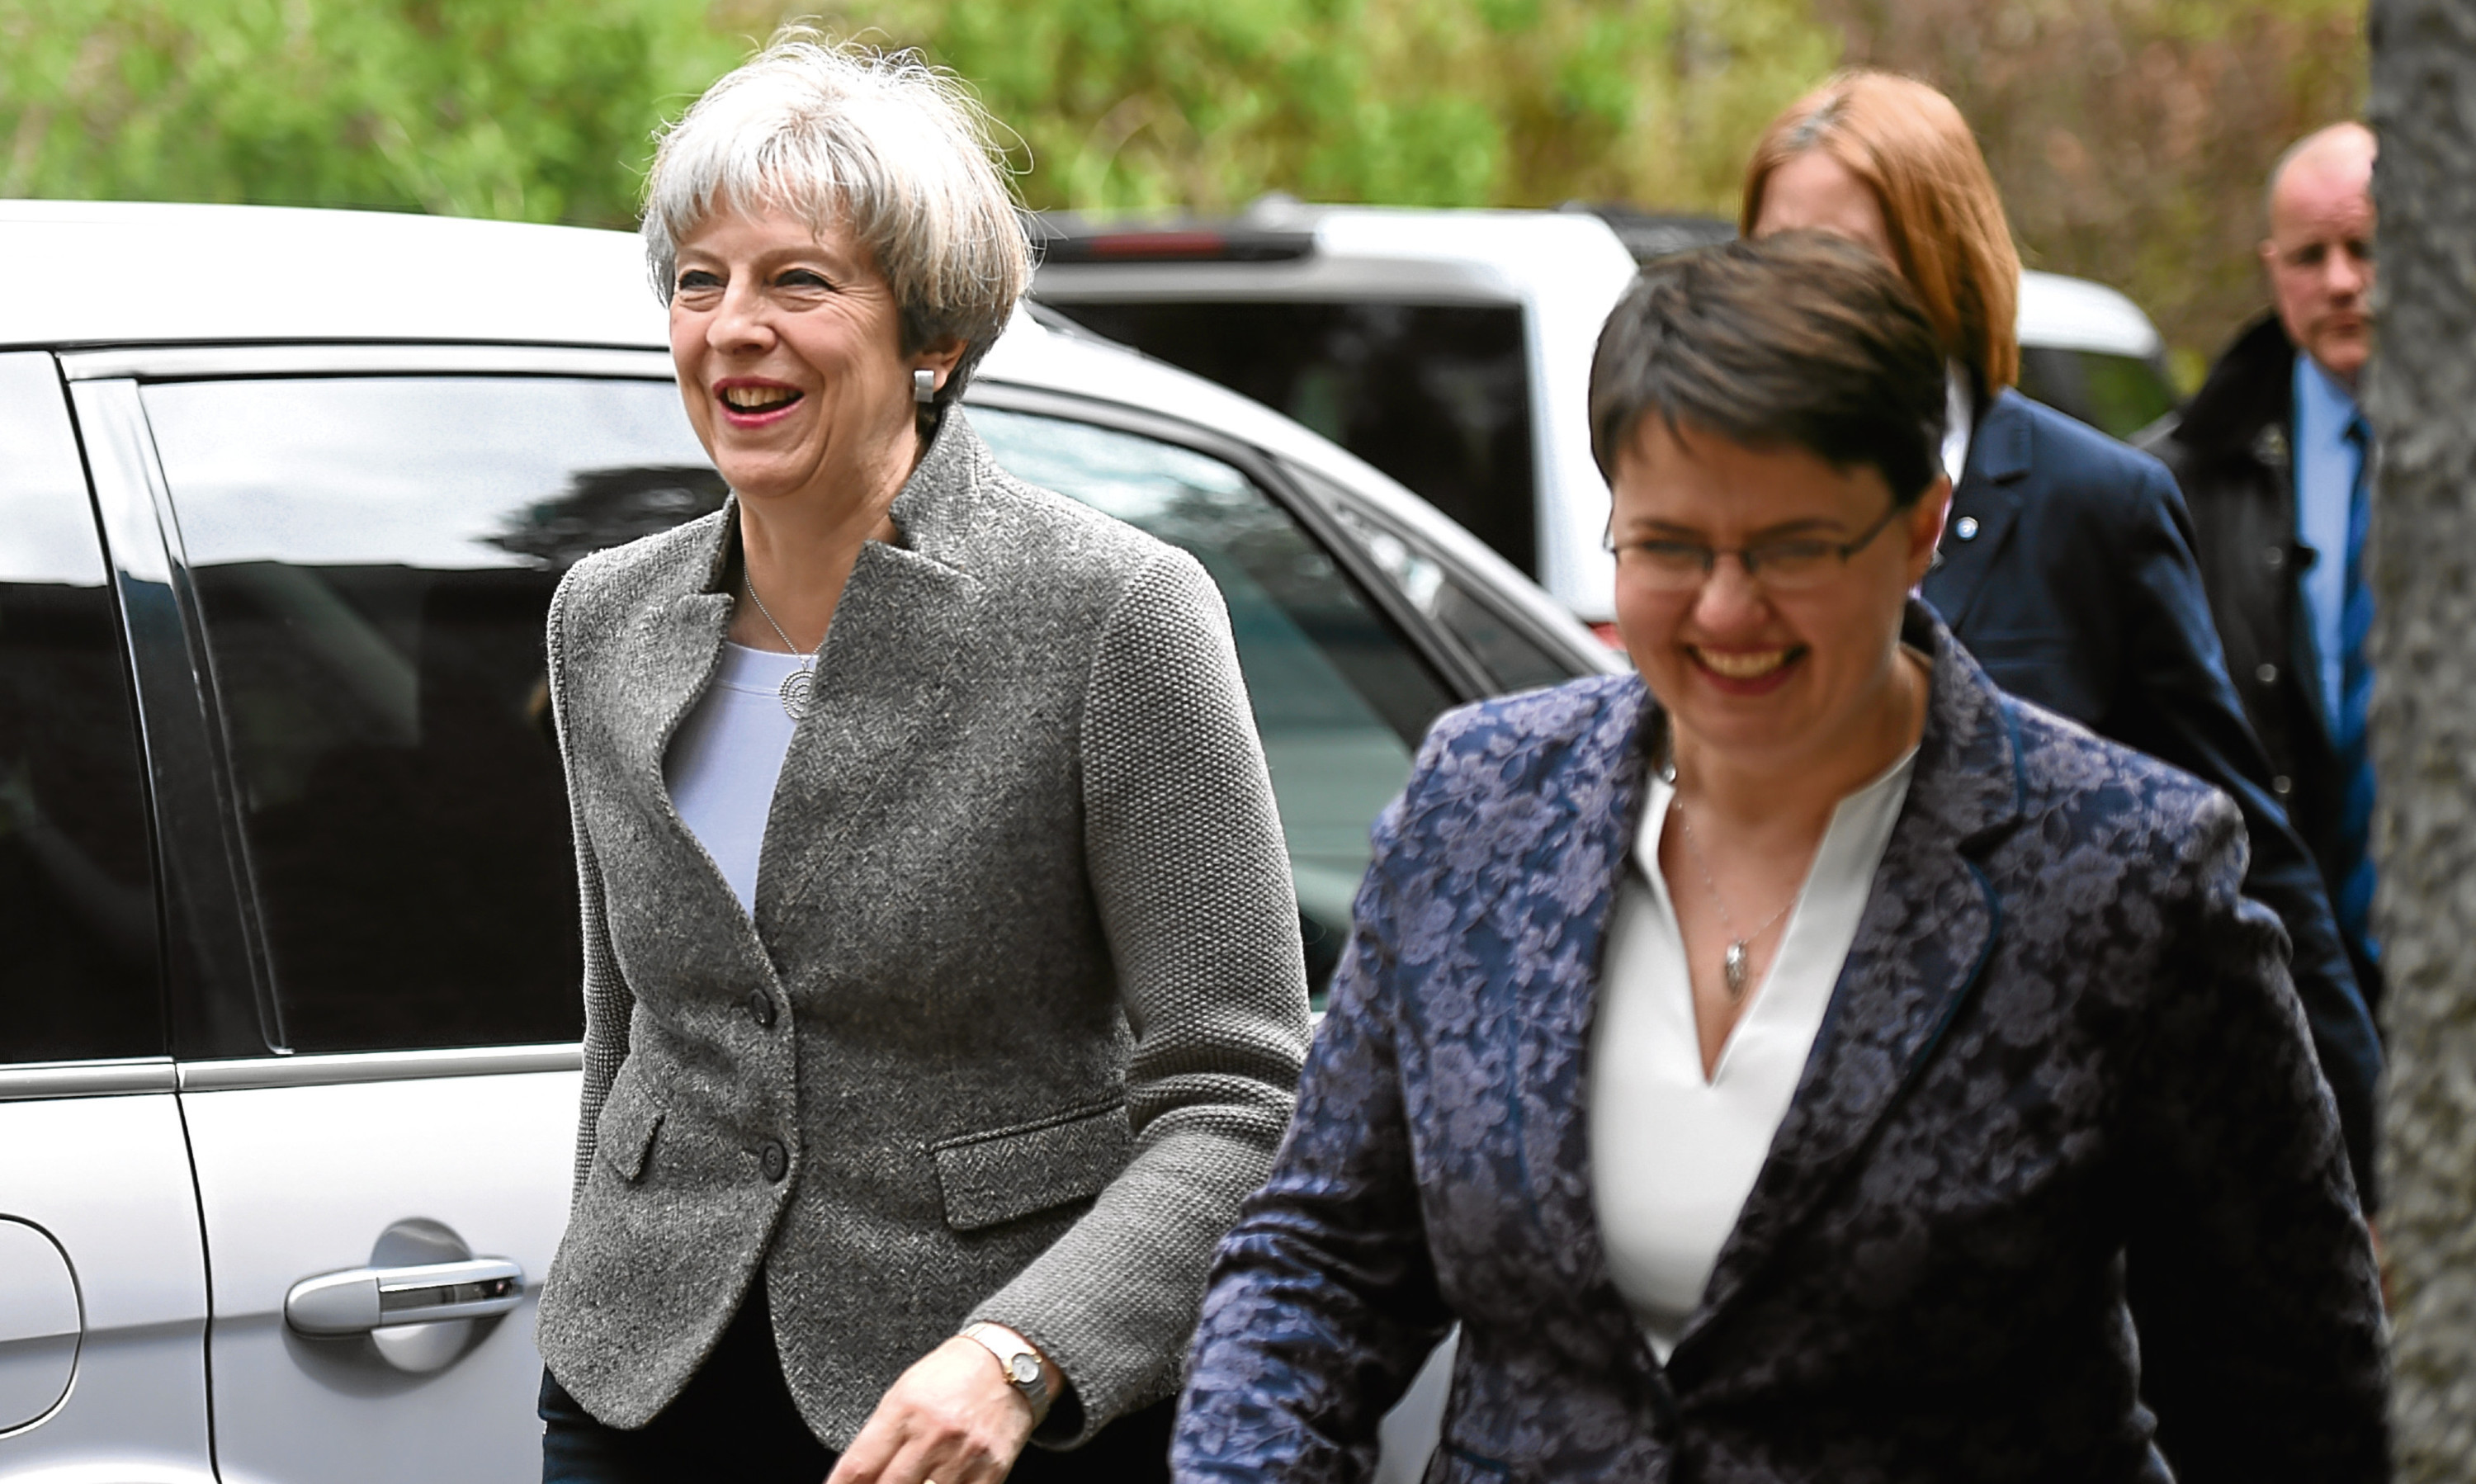 Theresa May and Ruth Davidson at Crathes.